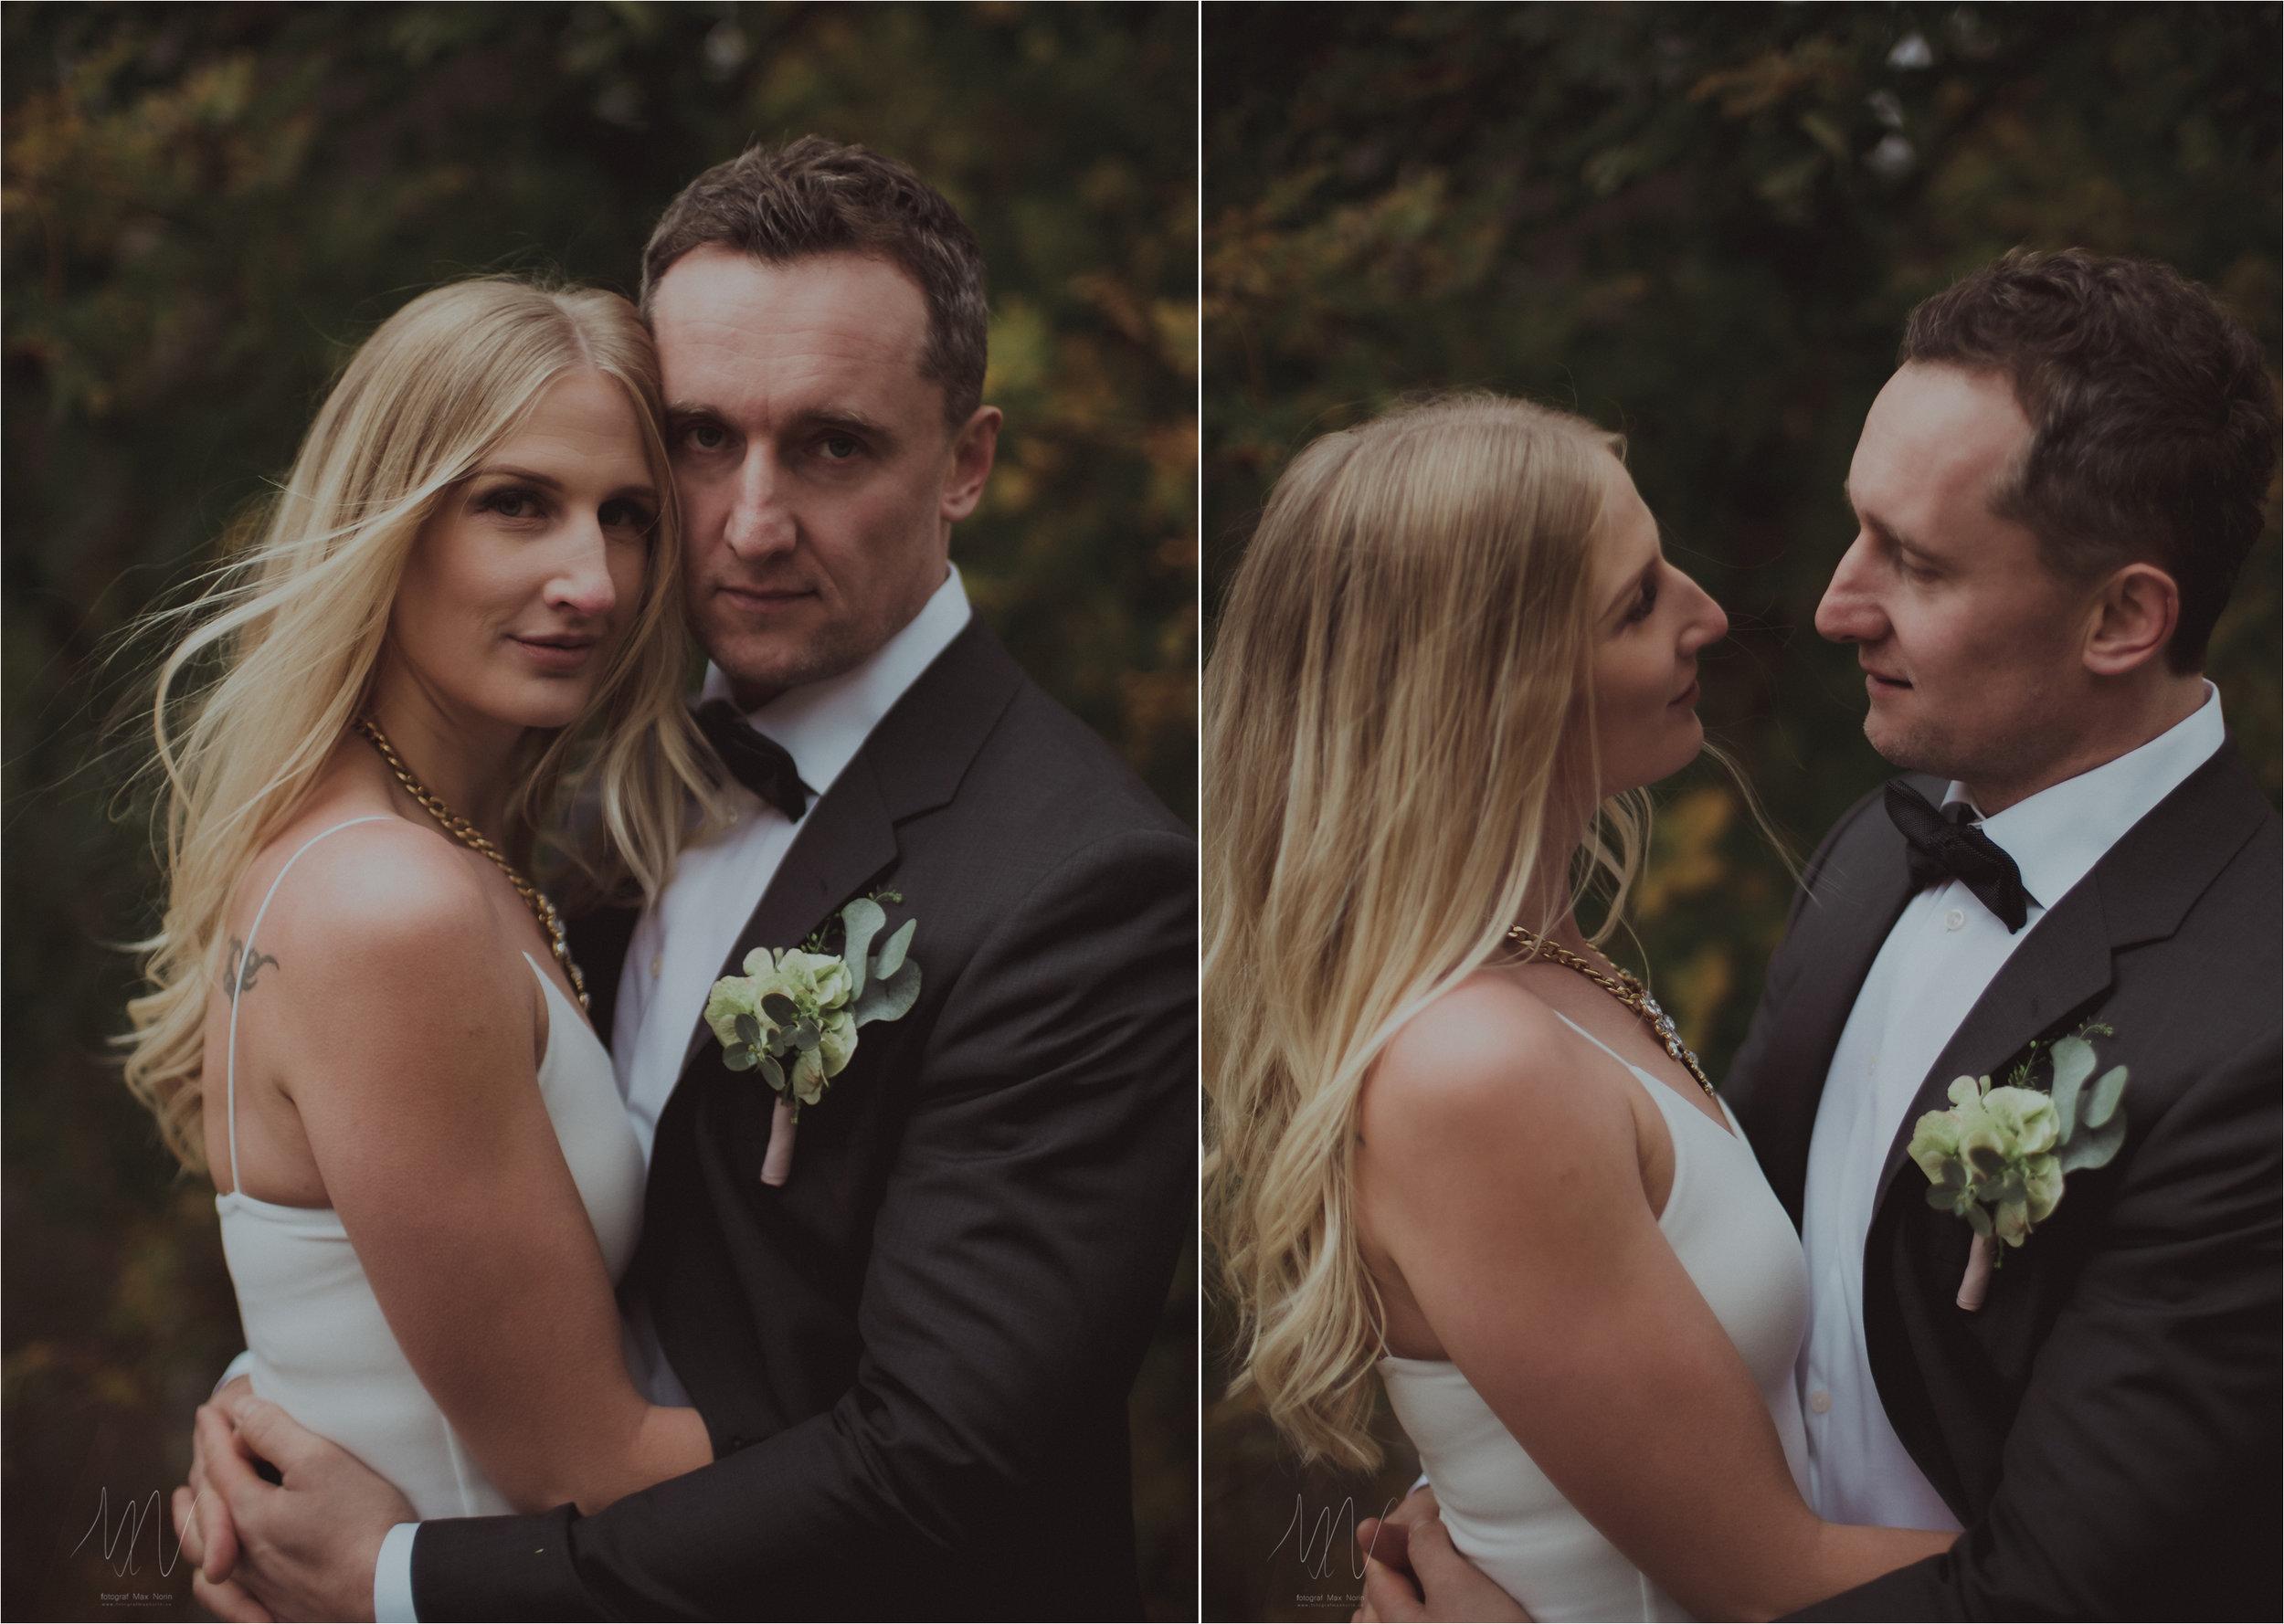 bröllopsfoto-fotograf-max-norin-22.jpg